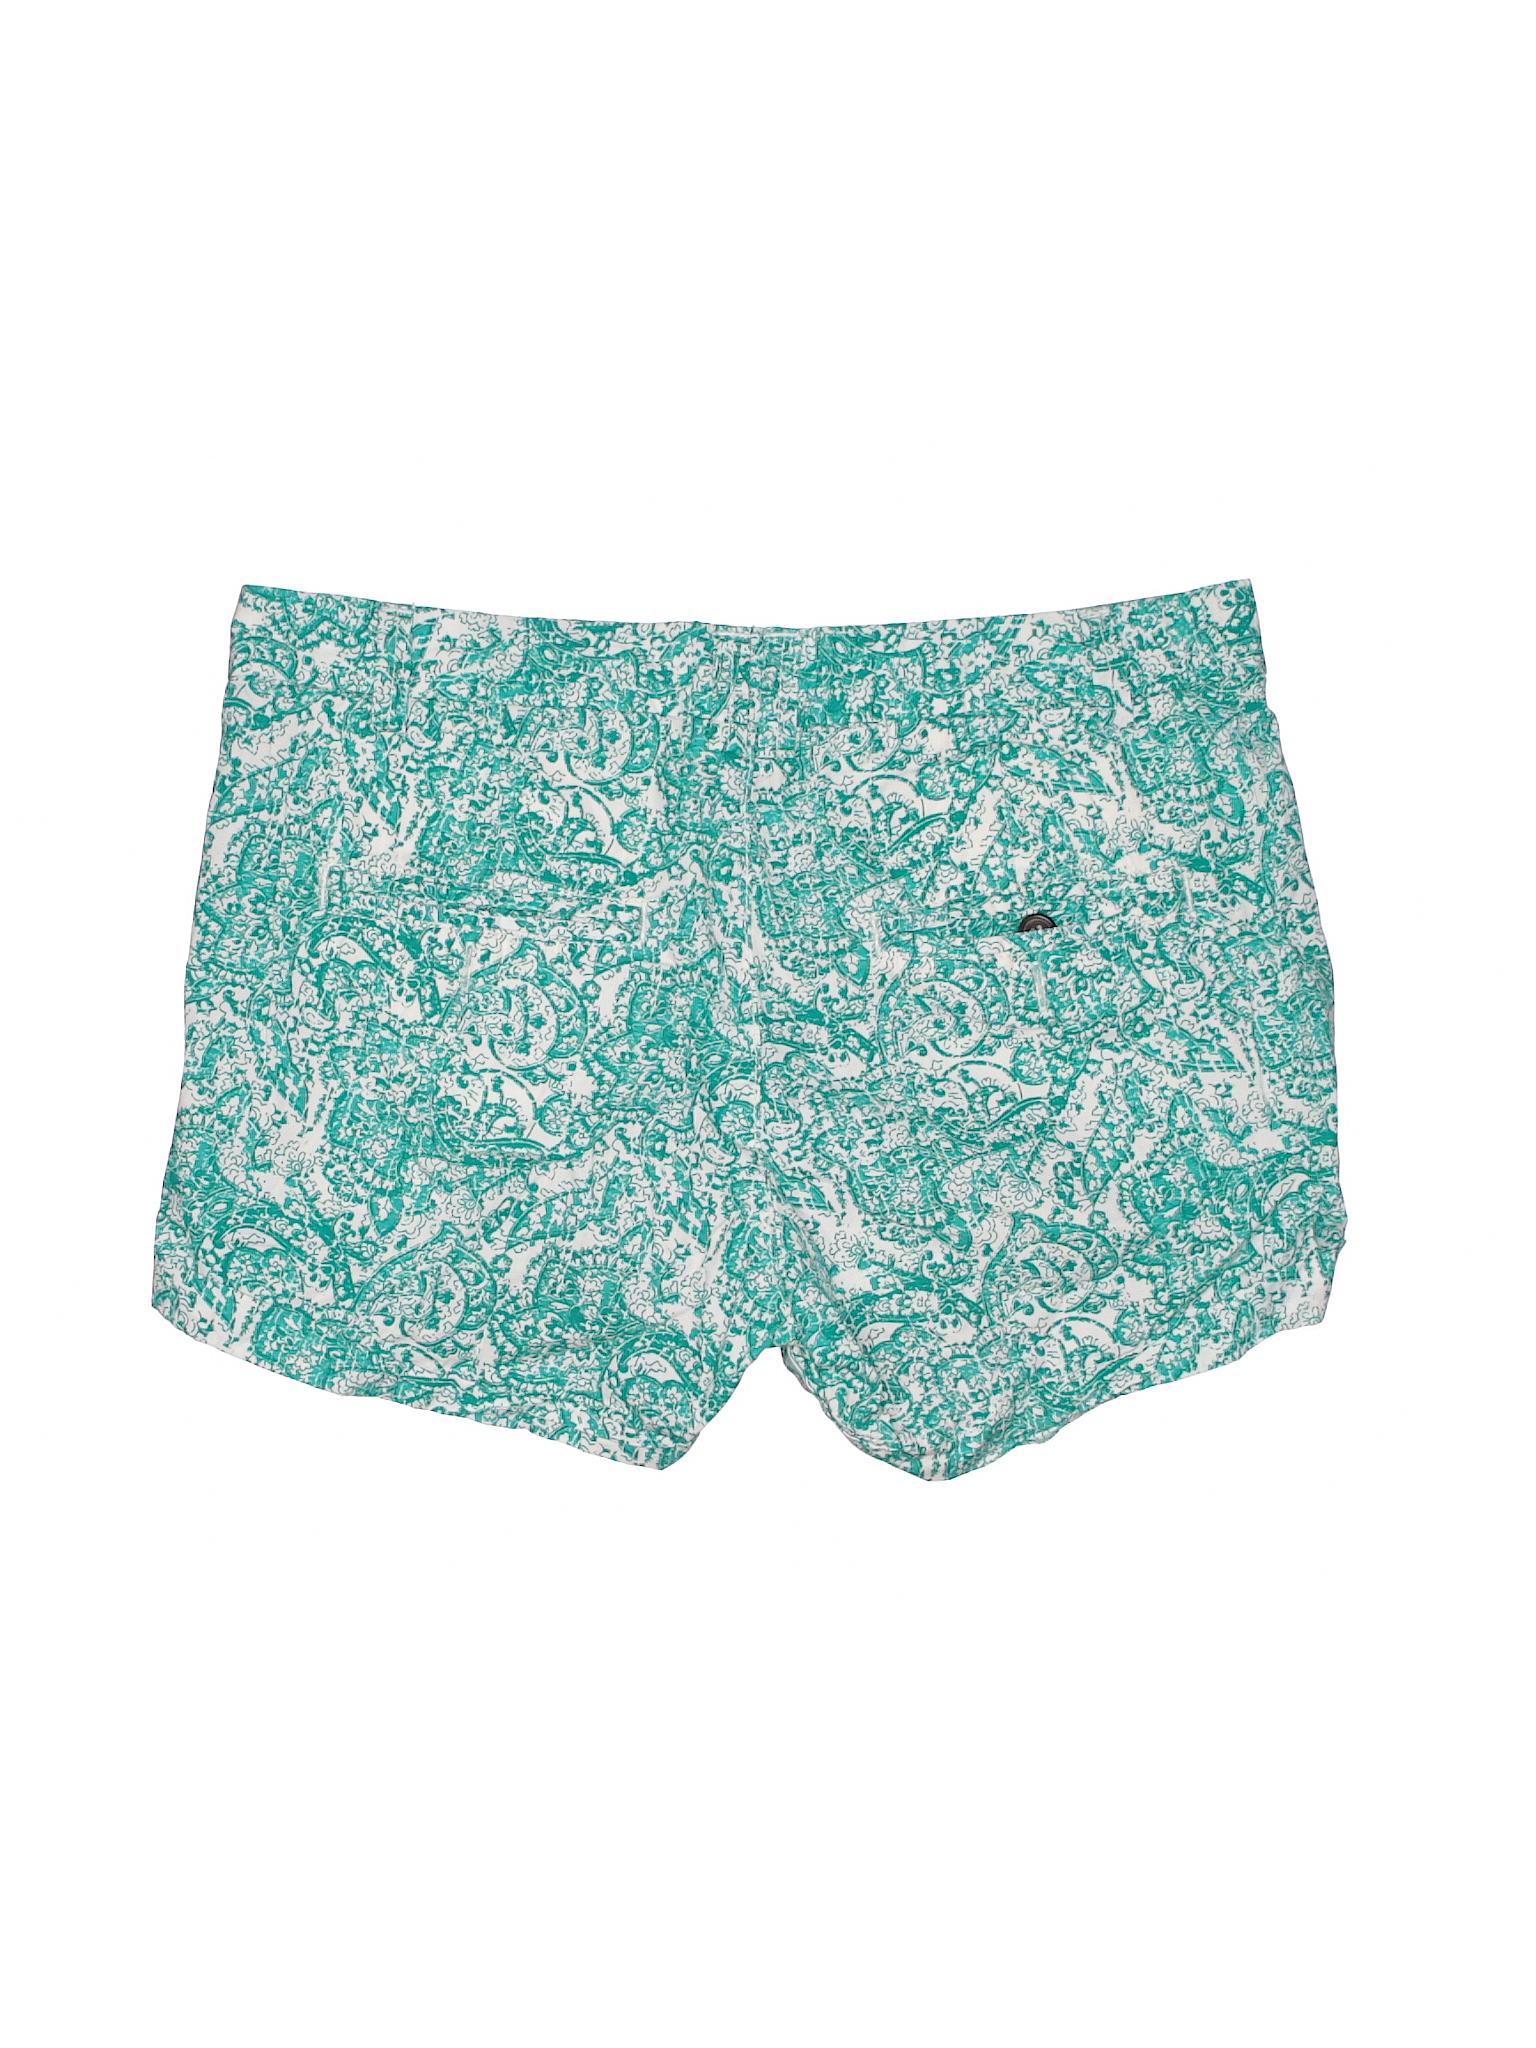 amp;M O G L H Shorts G Boutique 0qSH11